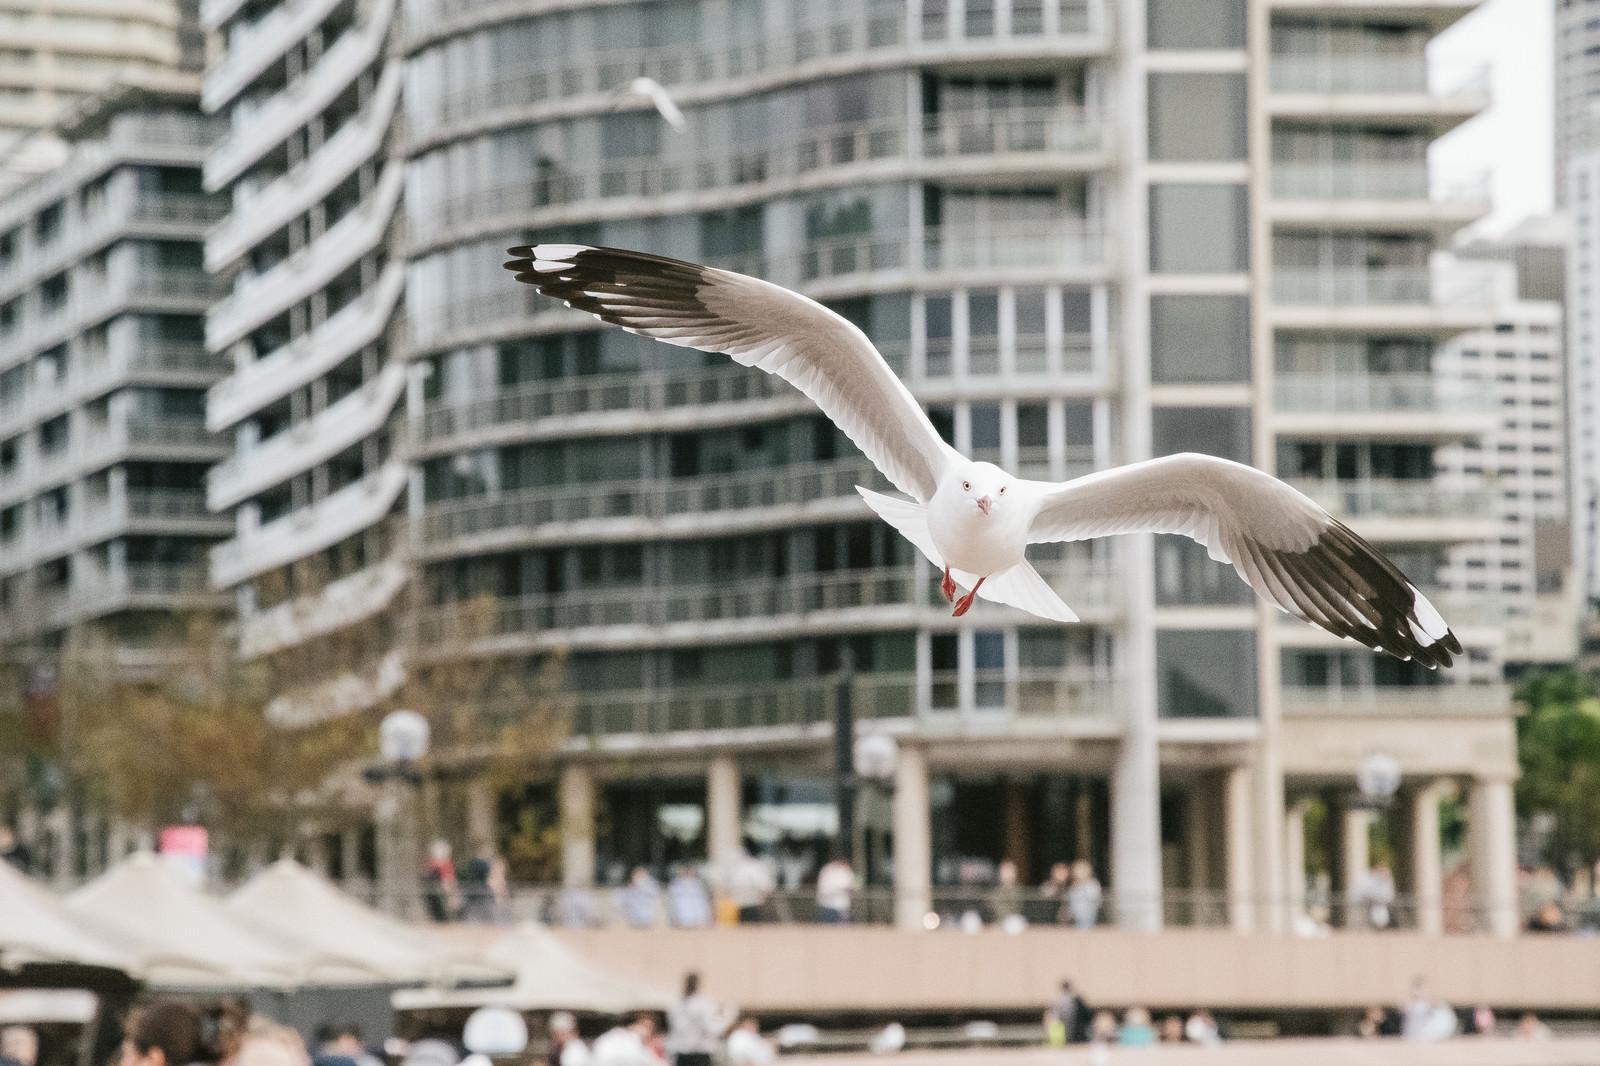 「観光地で飛び立つかもめバッサー観光地で飛び立つかもめバッサー」のフリー写真素材を拡大